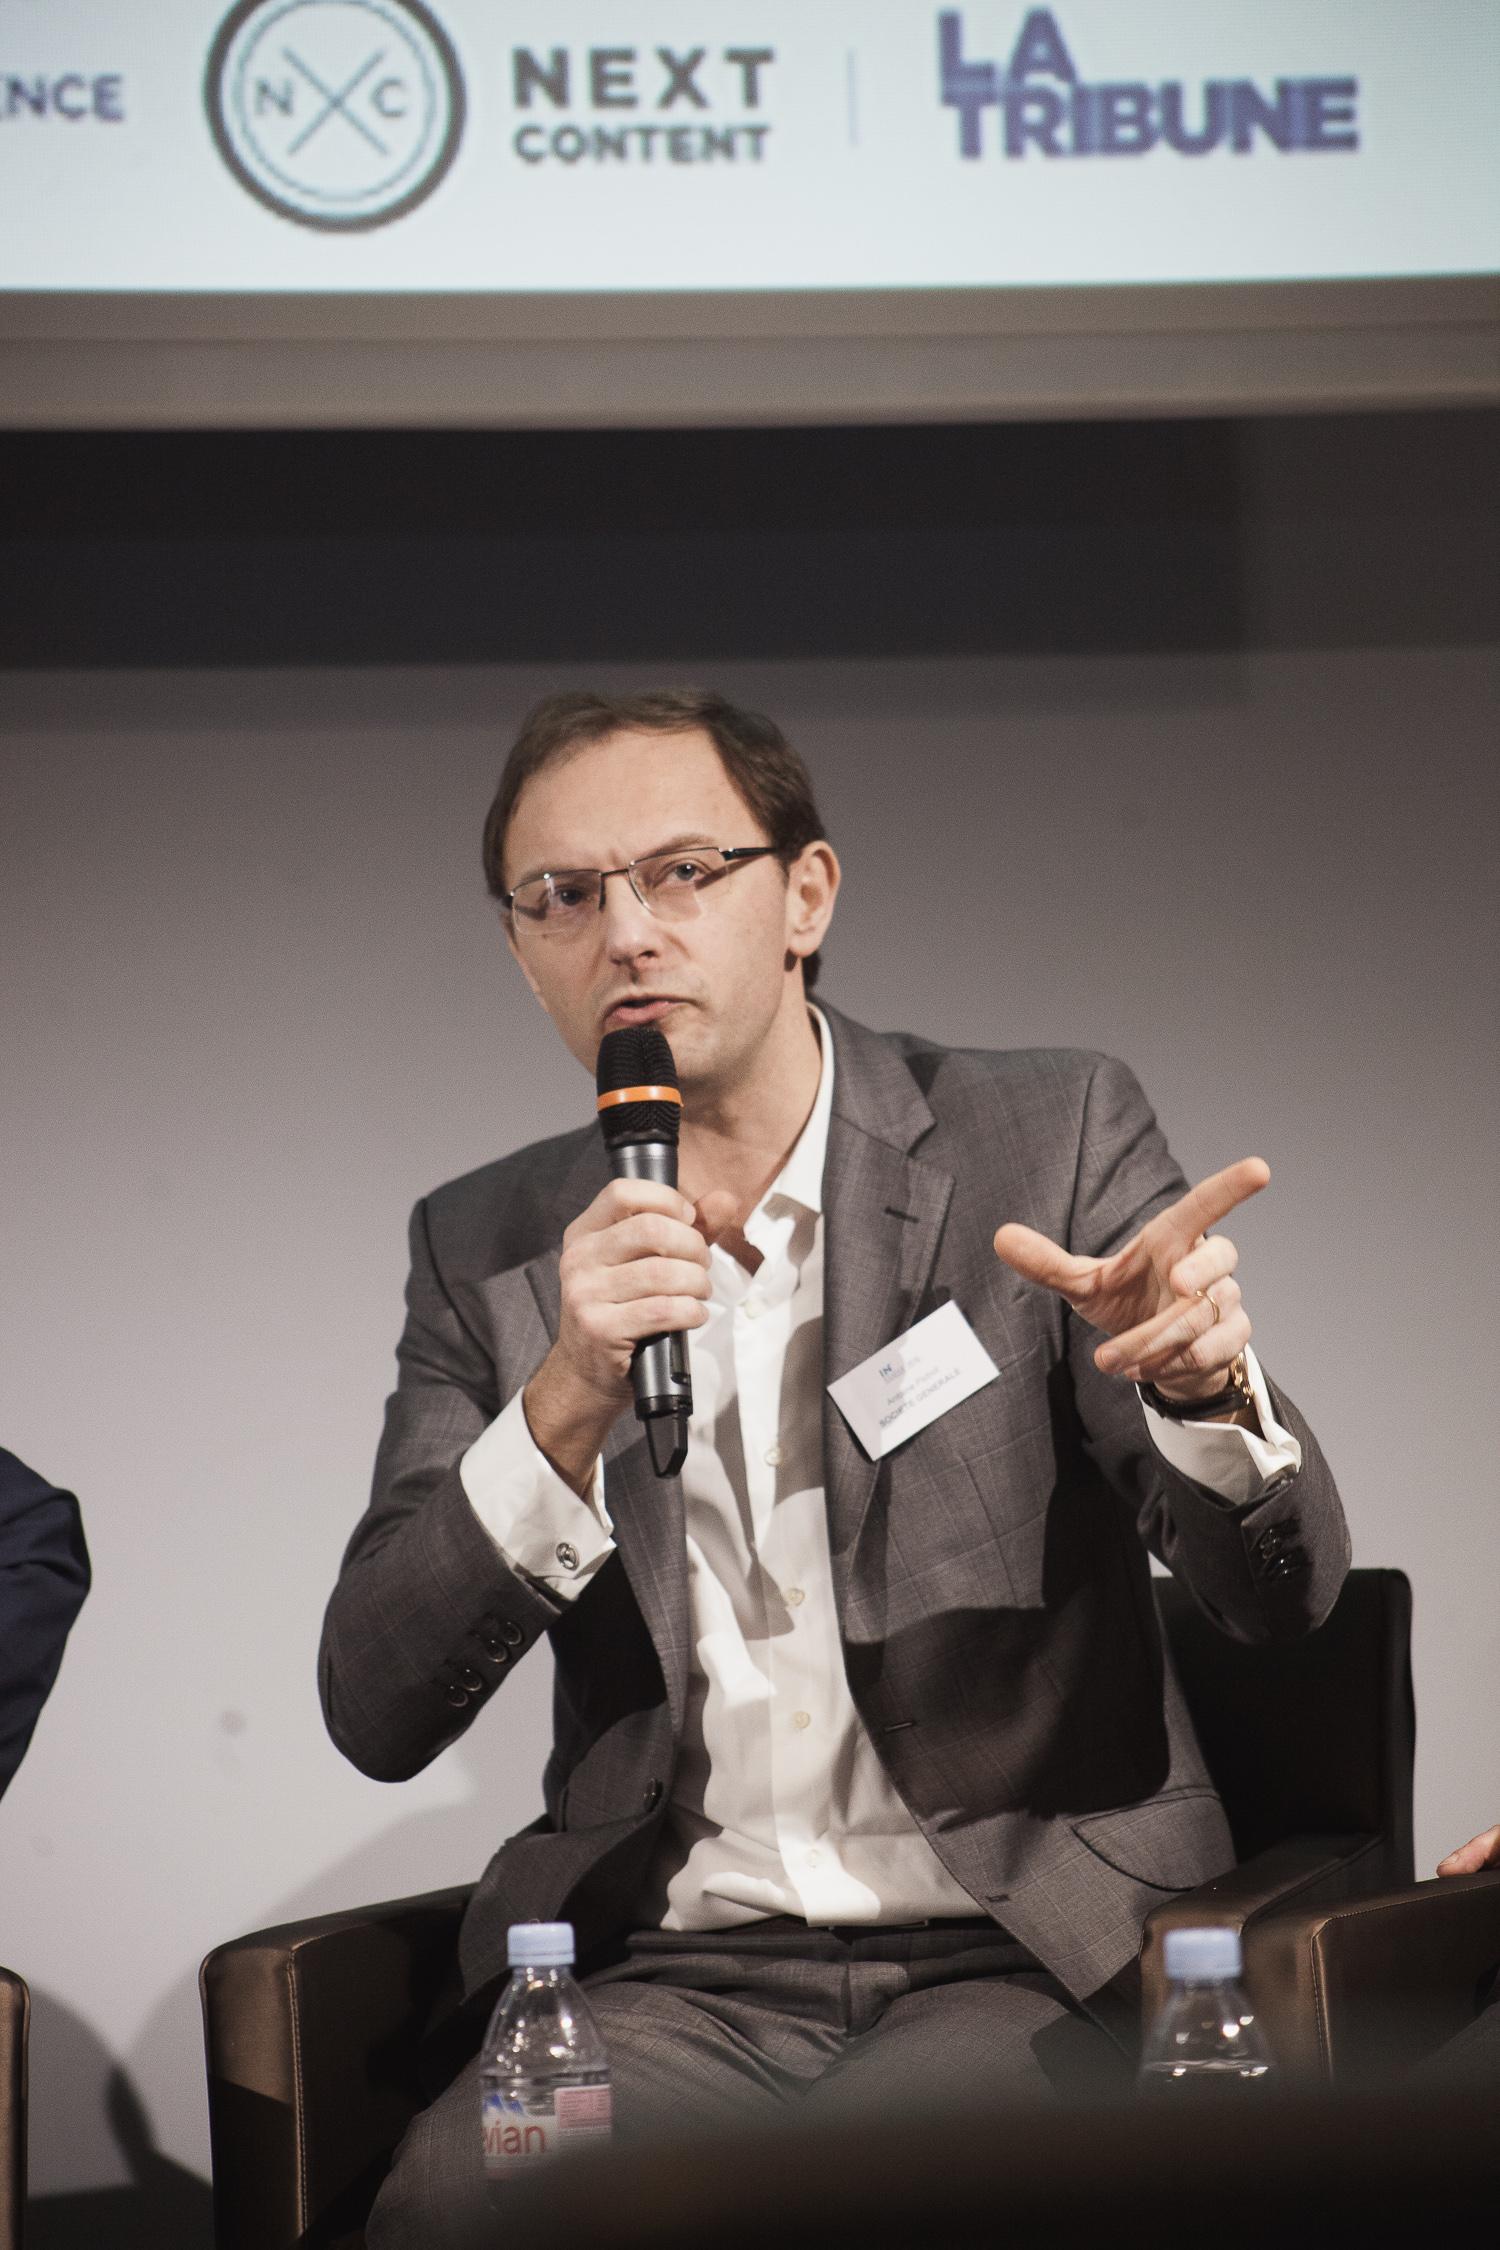 Antoine Pichot (Société Générale) - IN BANQUE 2016 - Crédit photo : Guillermo Gomez